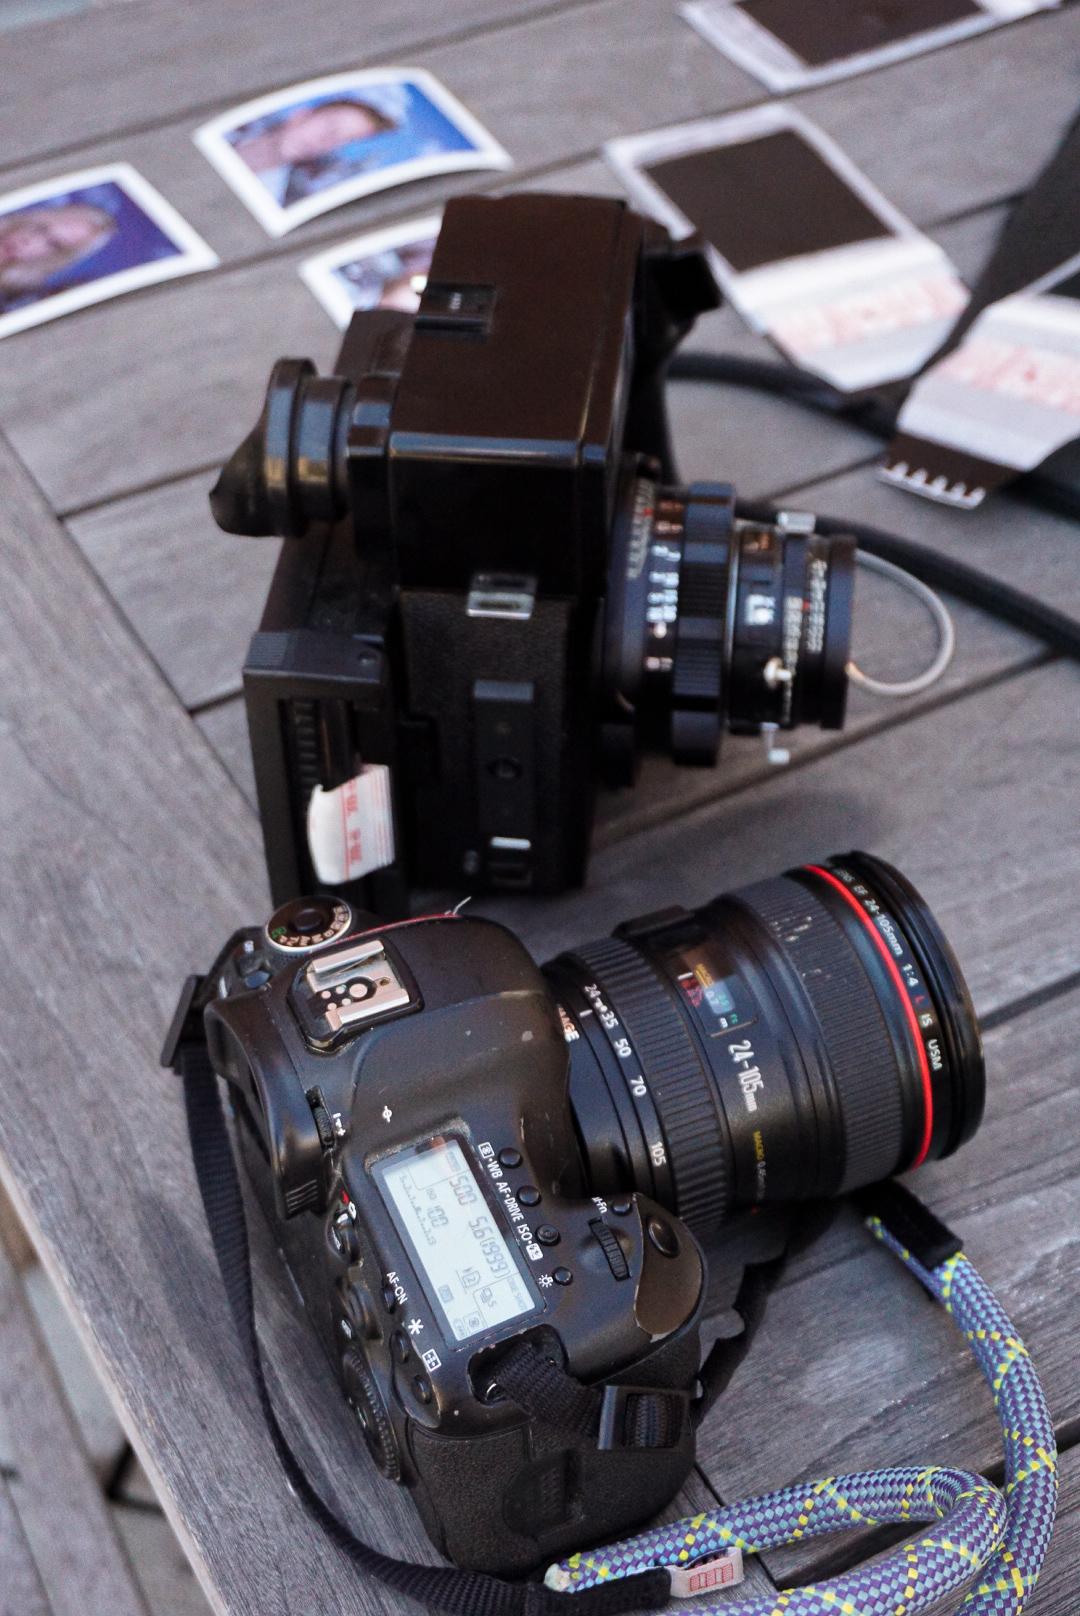 Camera Table.jpg